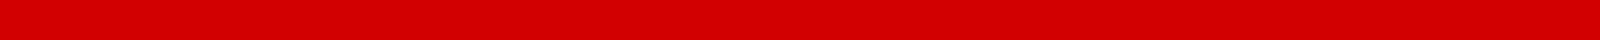 金沙城娱乐场官网平台,云南发动机总成,金沙城娱乐场官网平台配件批发,云南潍柴发动机维修